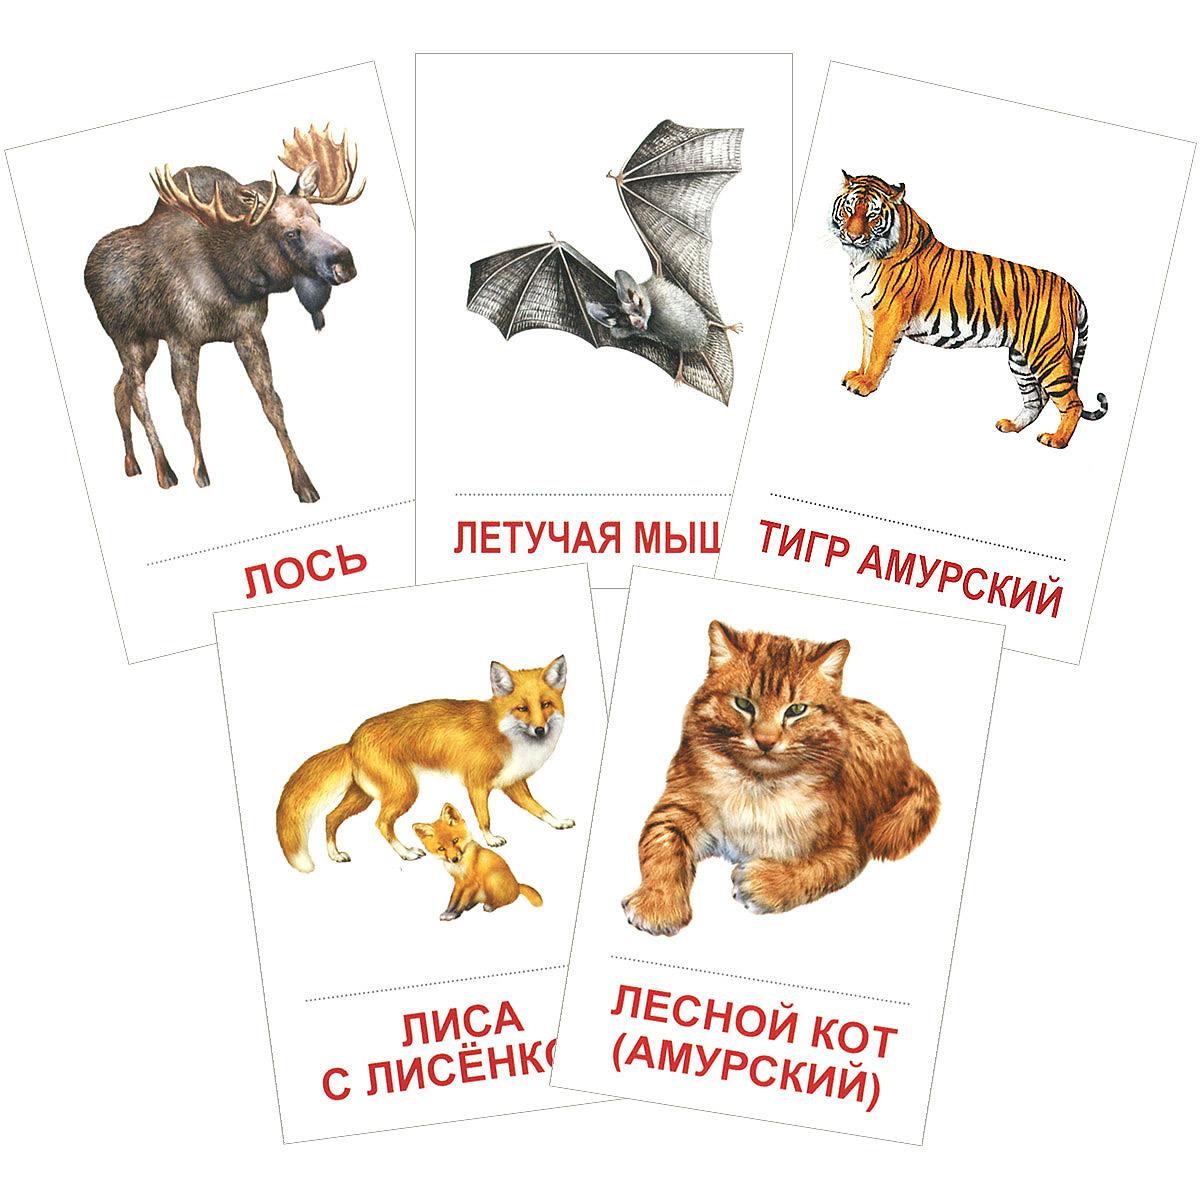 Дикие животные (набор из 16 карточек) одежда набор из 16 карточек